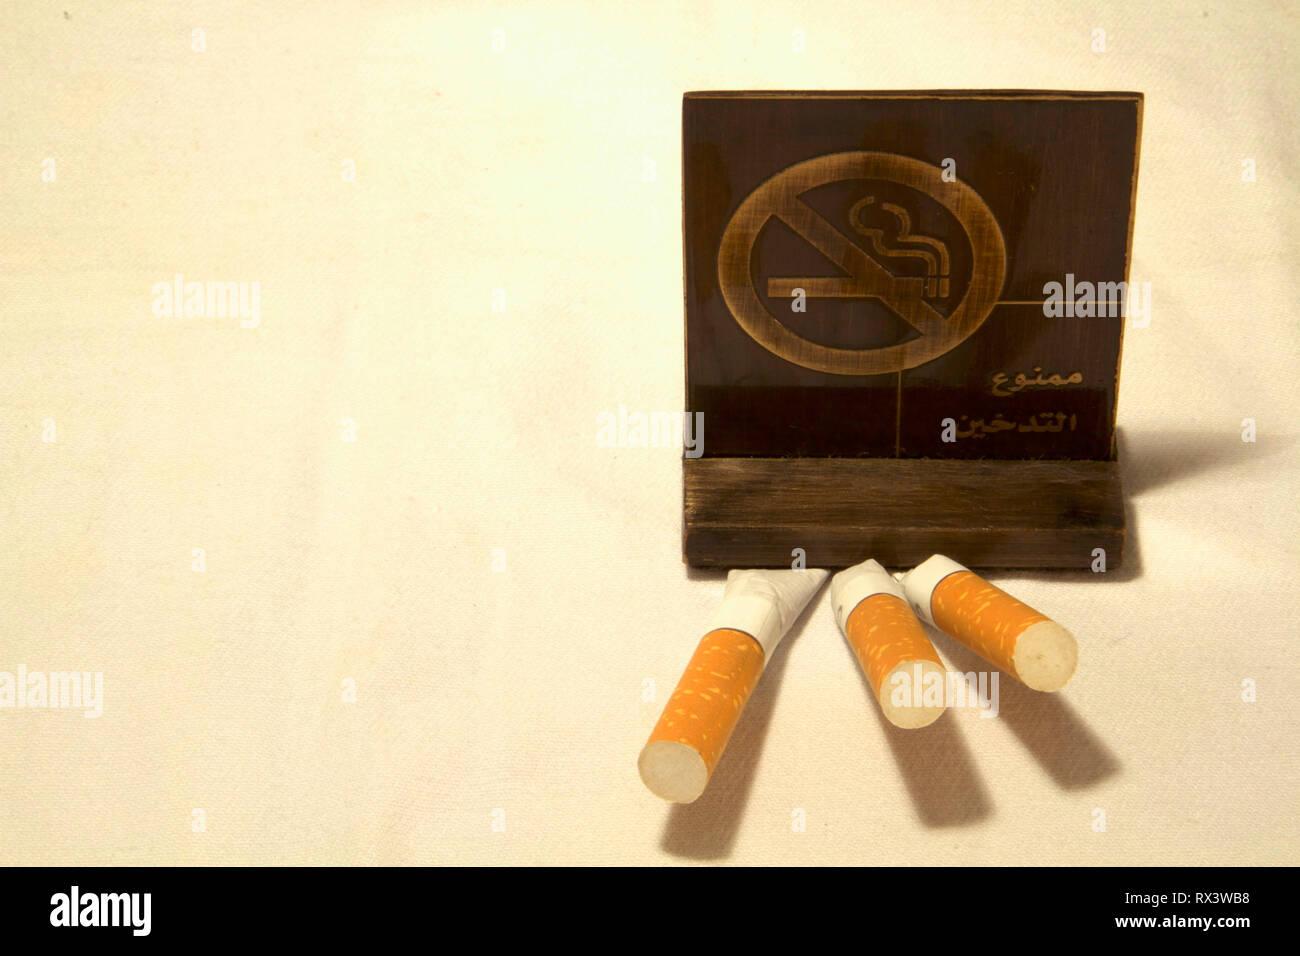 Dubai-No rauchen Metall Tag mit Zigaretten auf dem Tisch 5 Stockbild